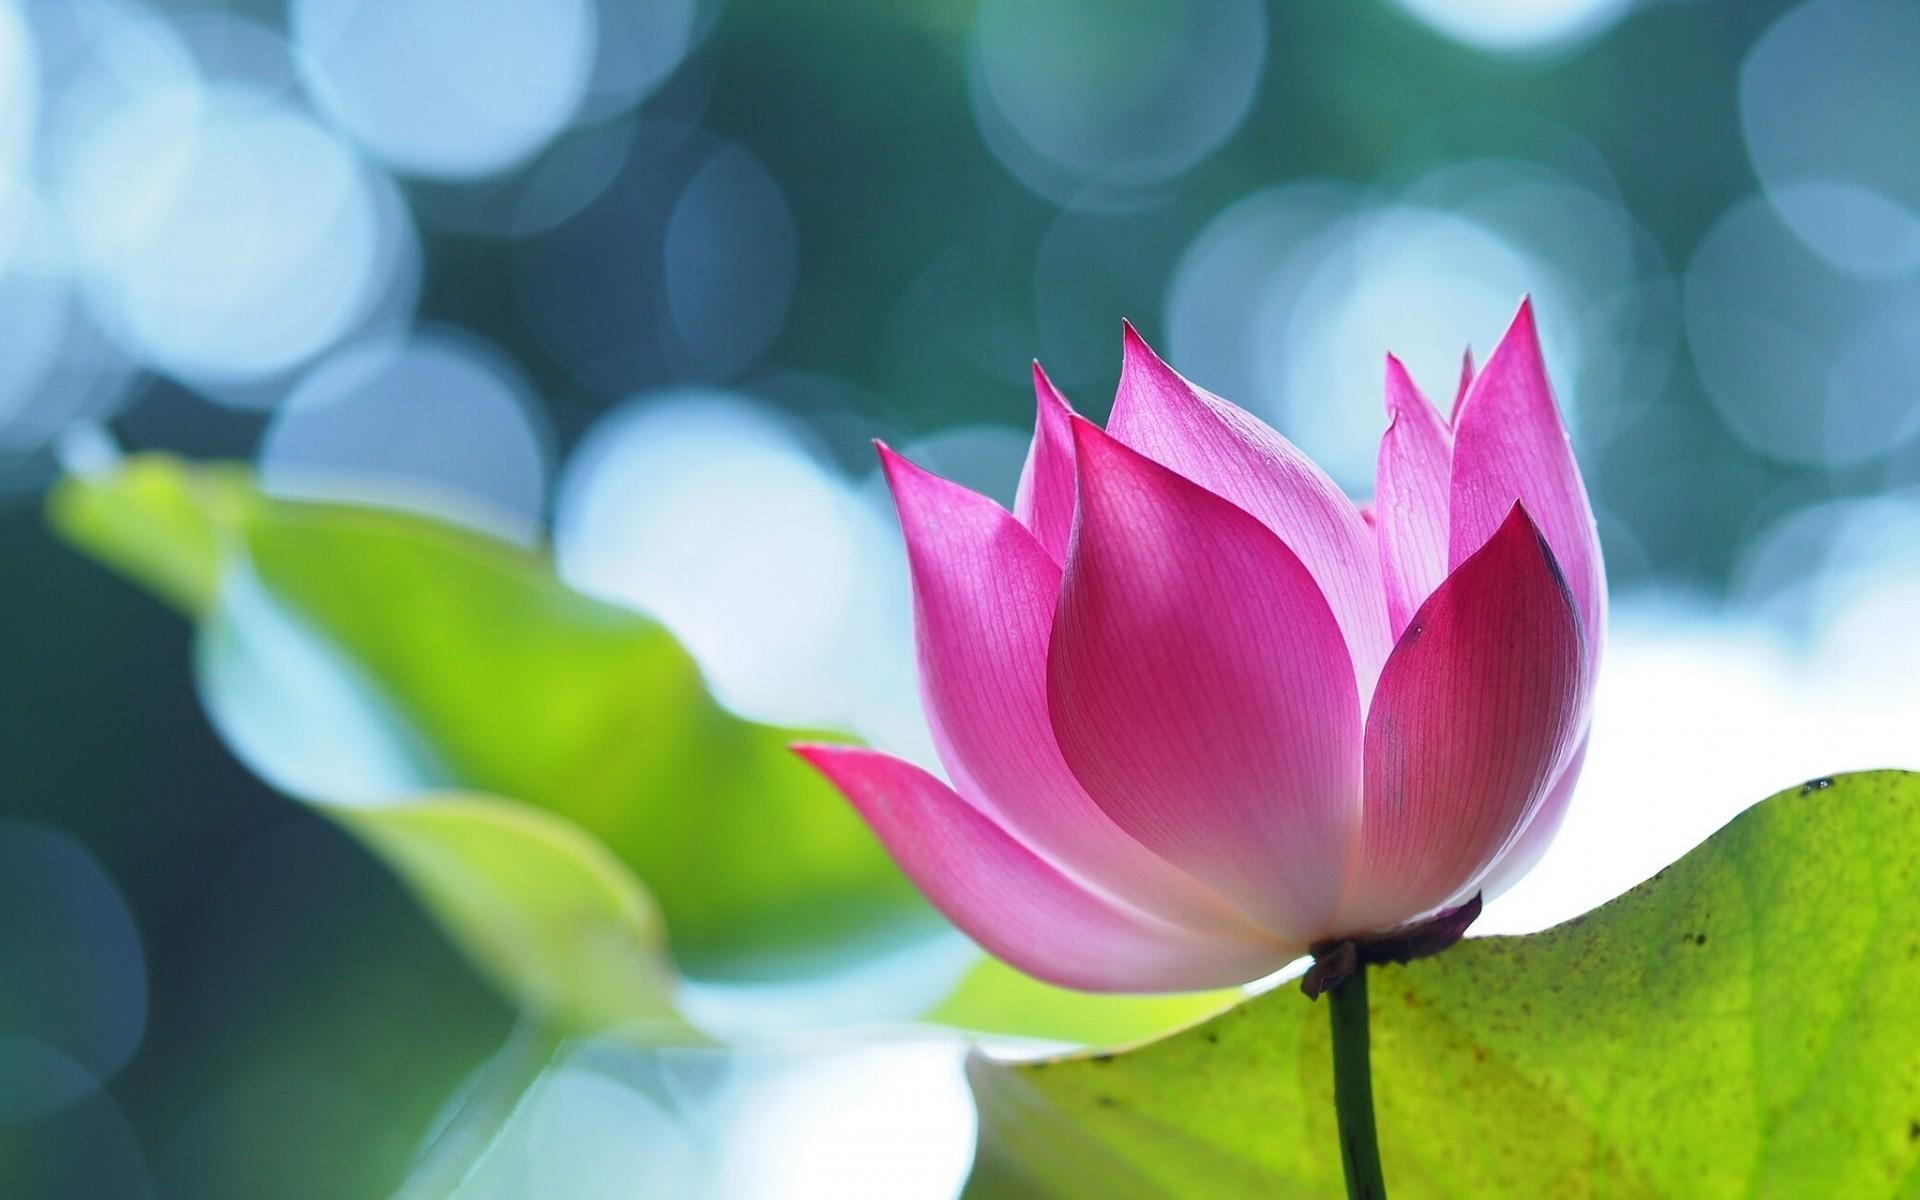 Pink Lotus Flower Wallpaper